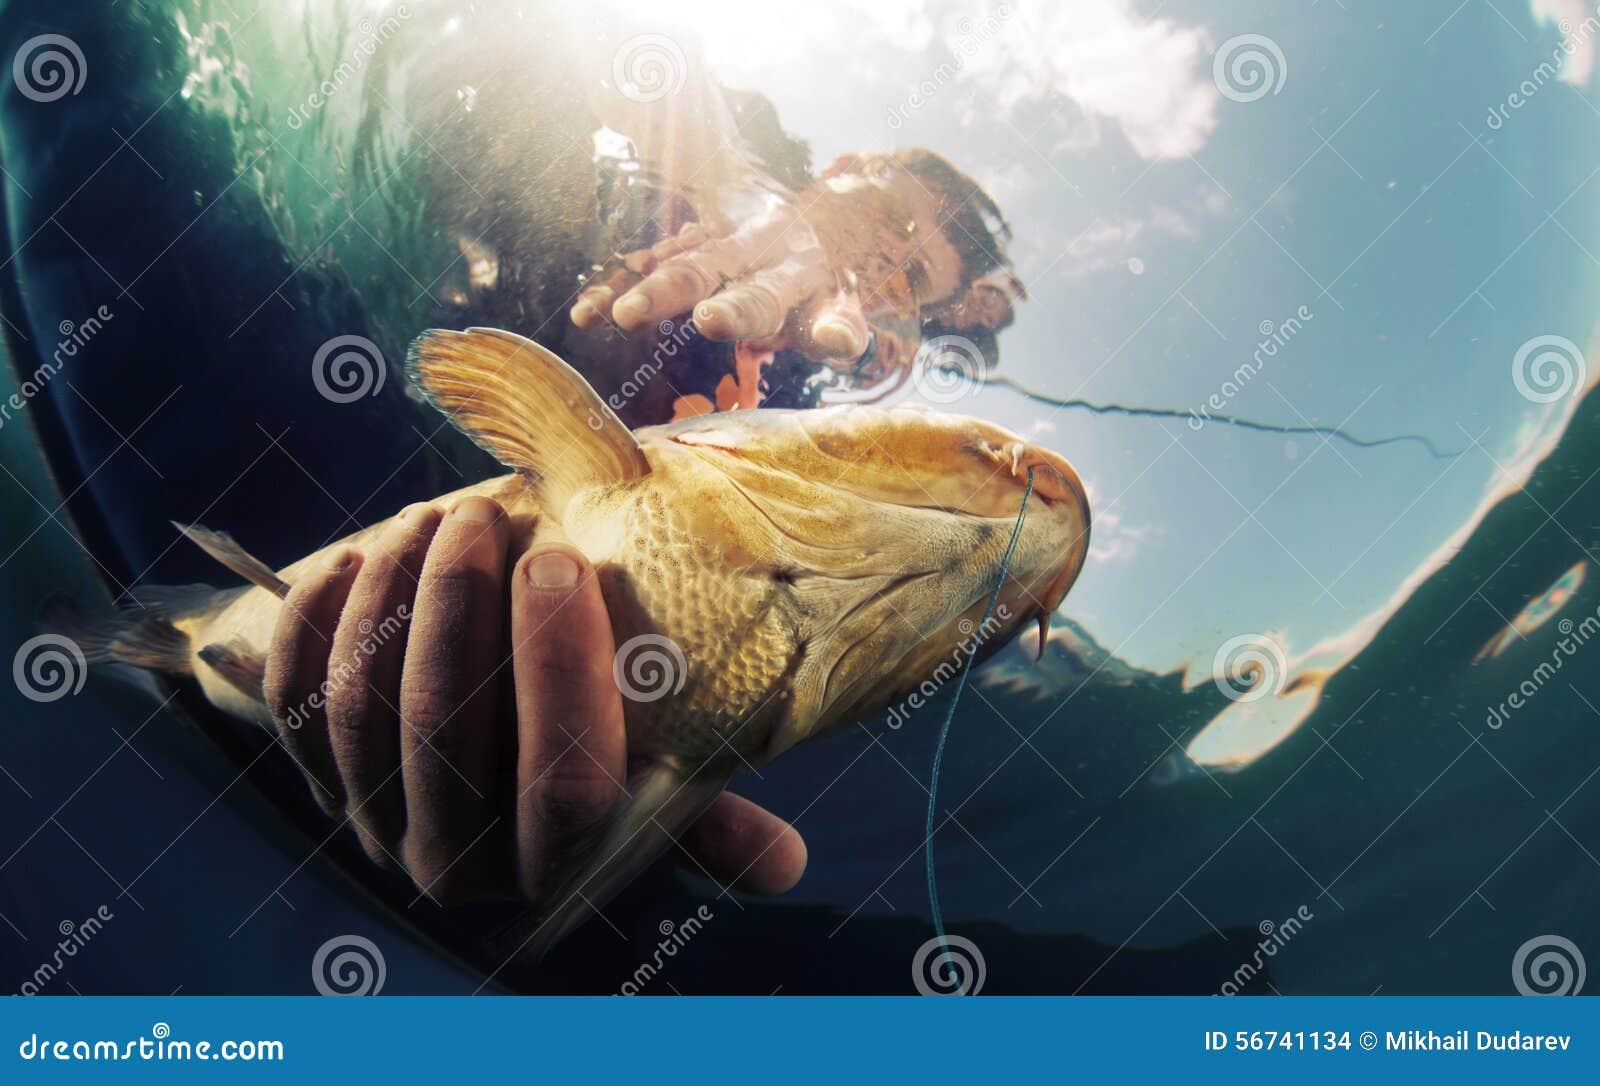 видеть как кто-то поймал рыбу сонник